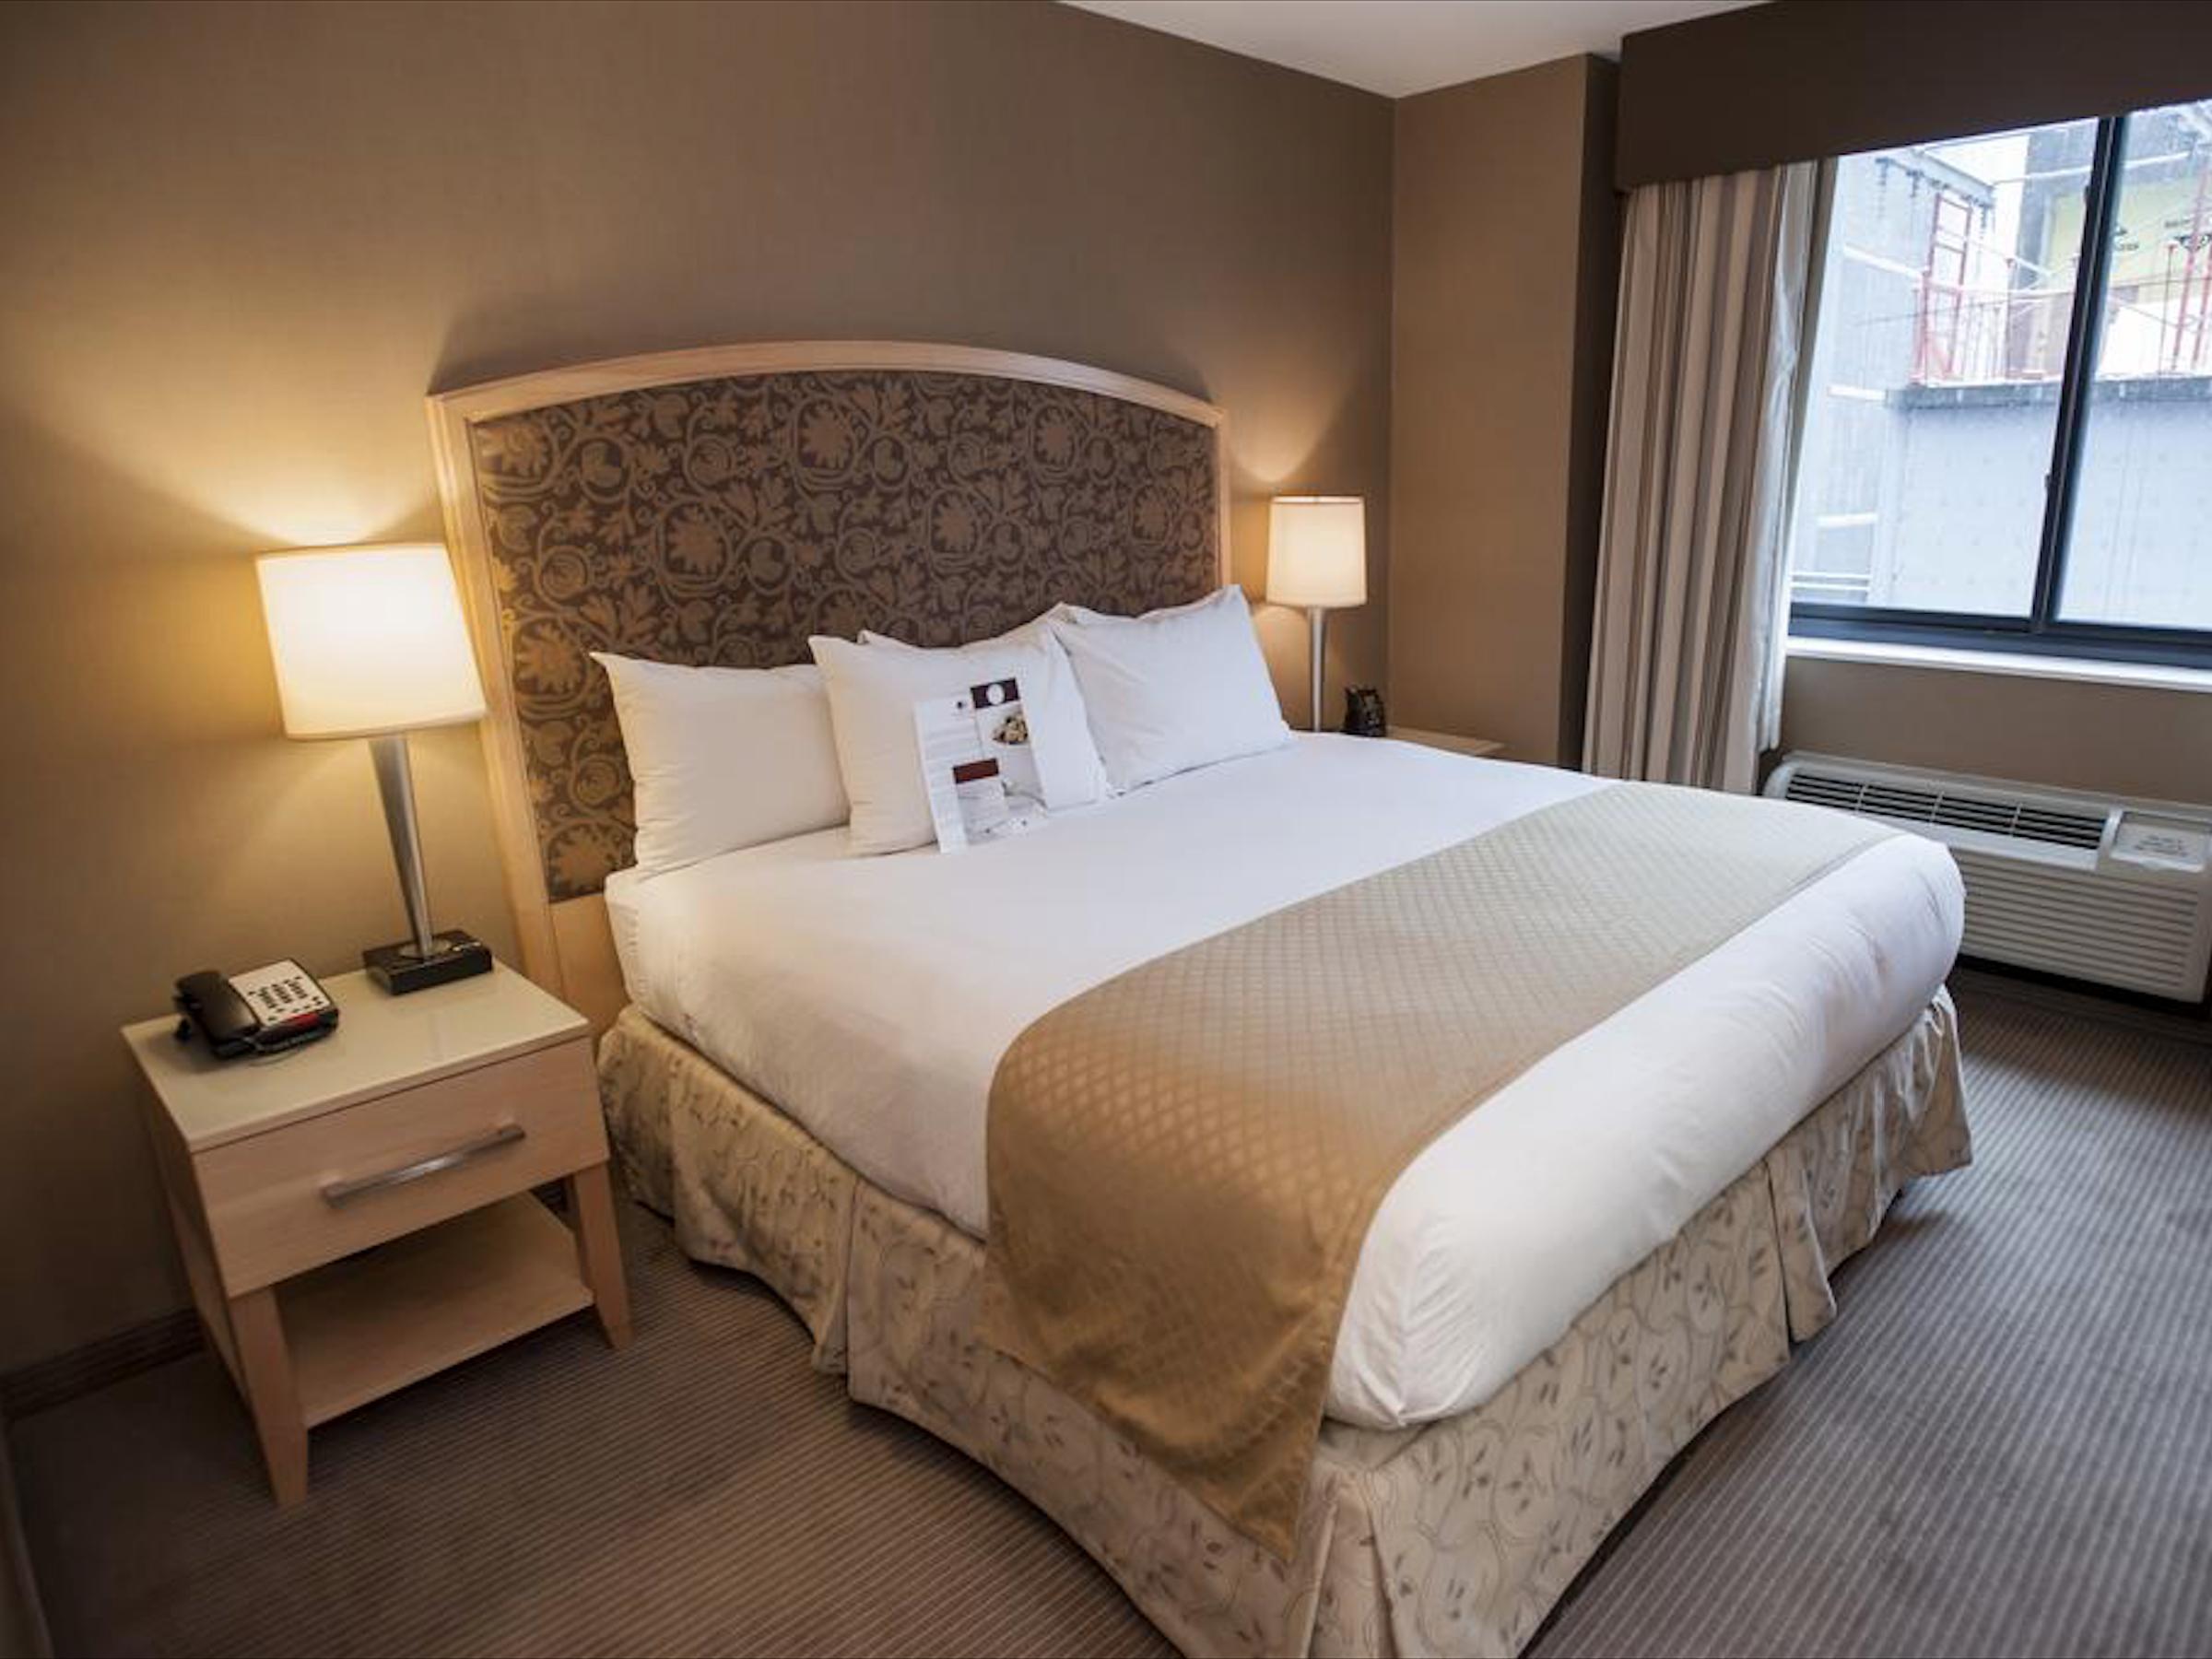 DoubleTree by Hilton ✩✩✩ - Стандартный номер:От $135 за ночь(В зависимости от сезона)Район: Челси